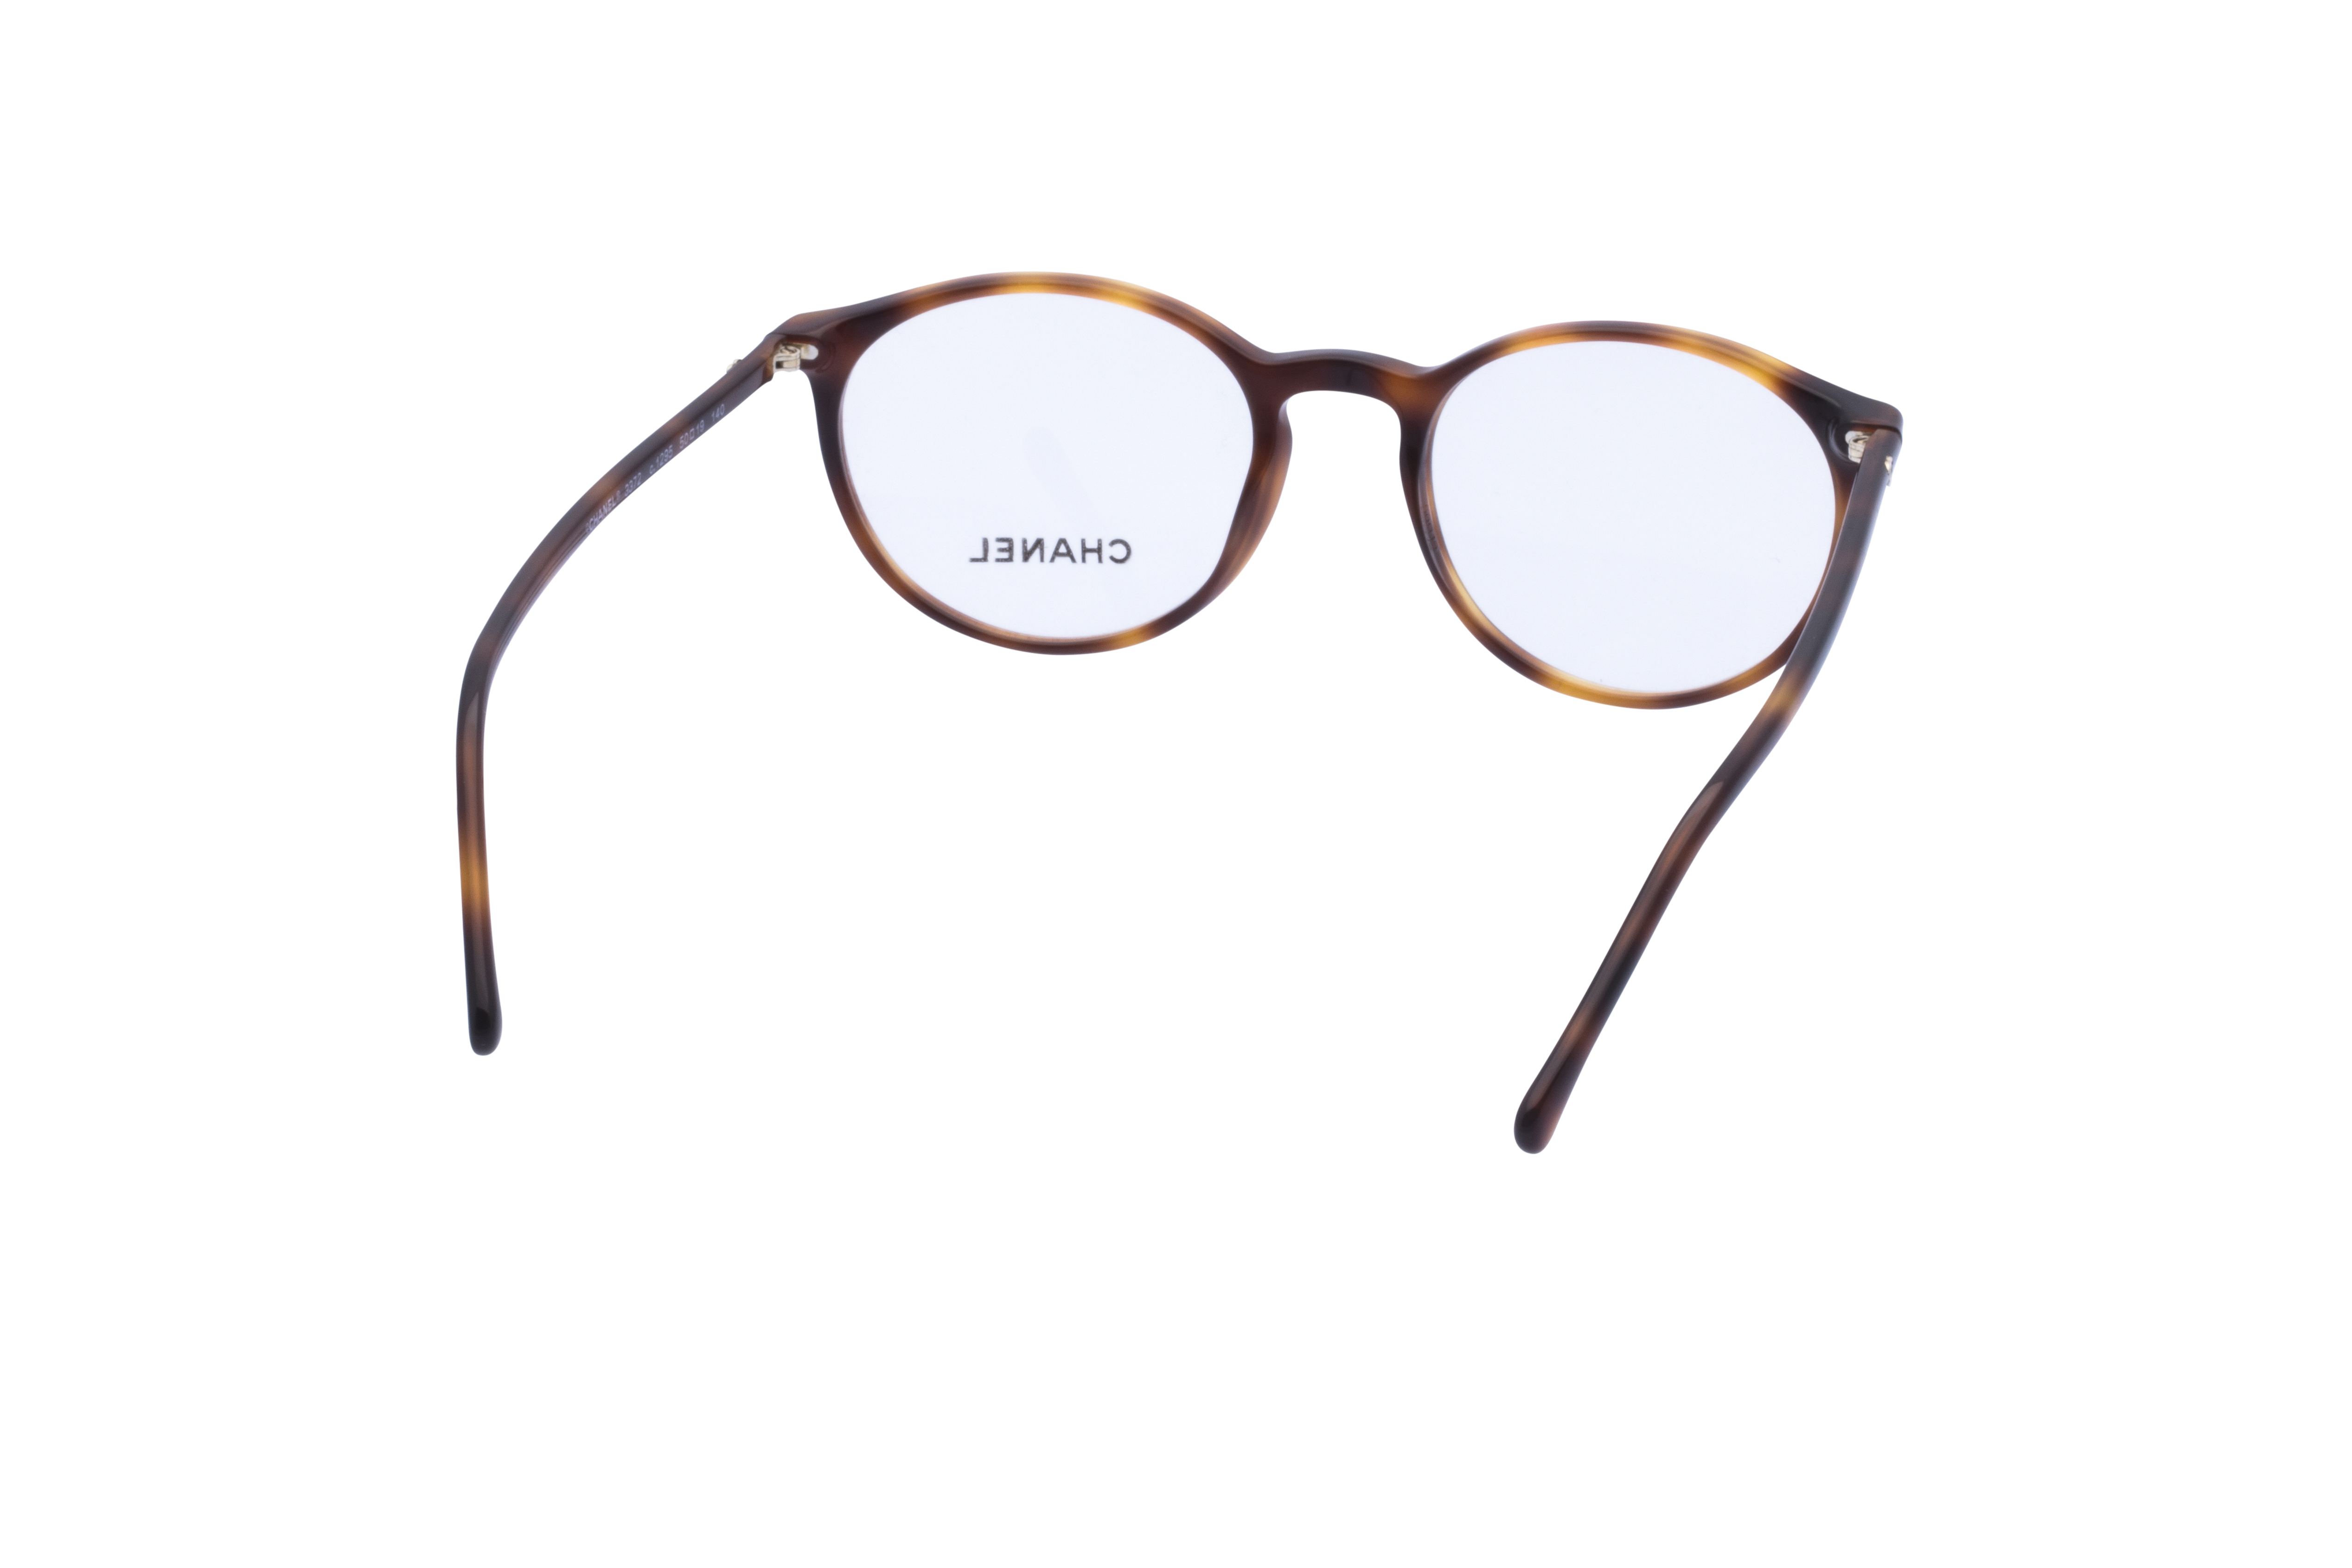 360 Grad Ansicht 11 Chanel 3372 Frontansicht, Brille auf Weiß - Fassung bei KUNK